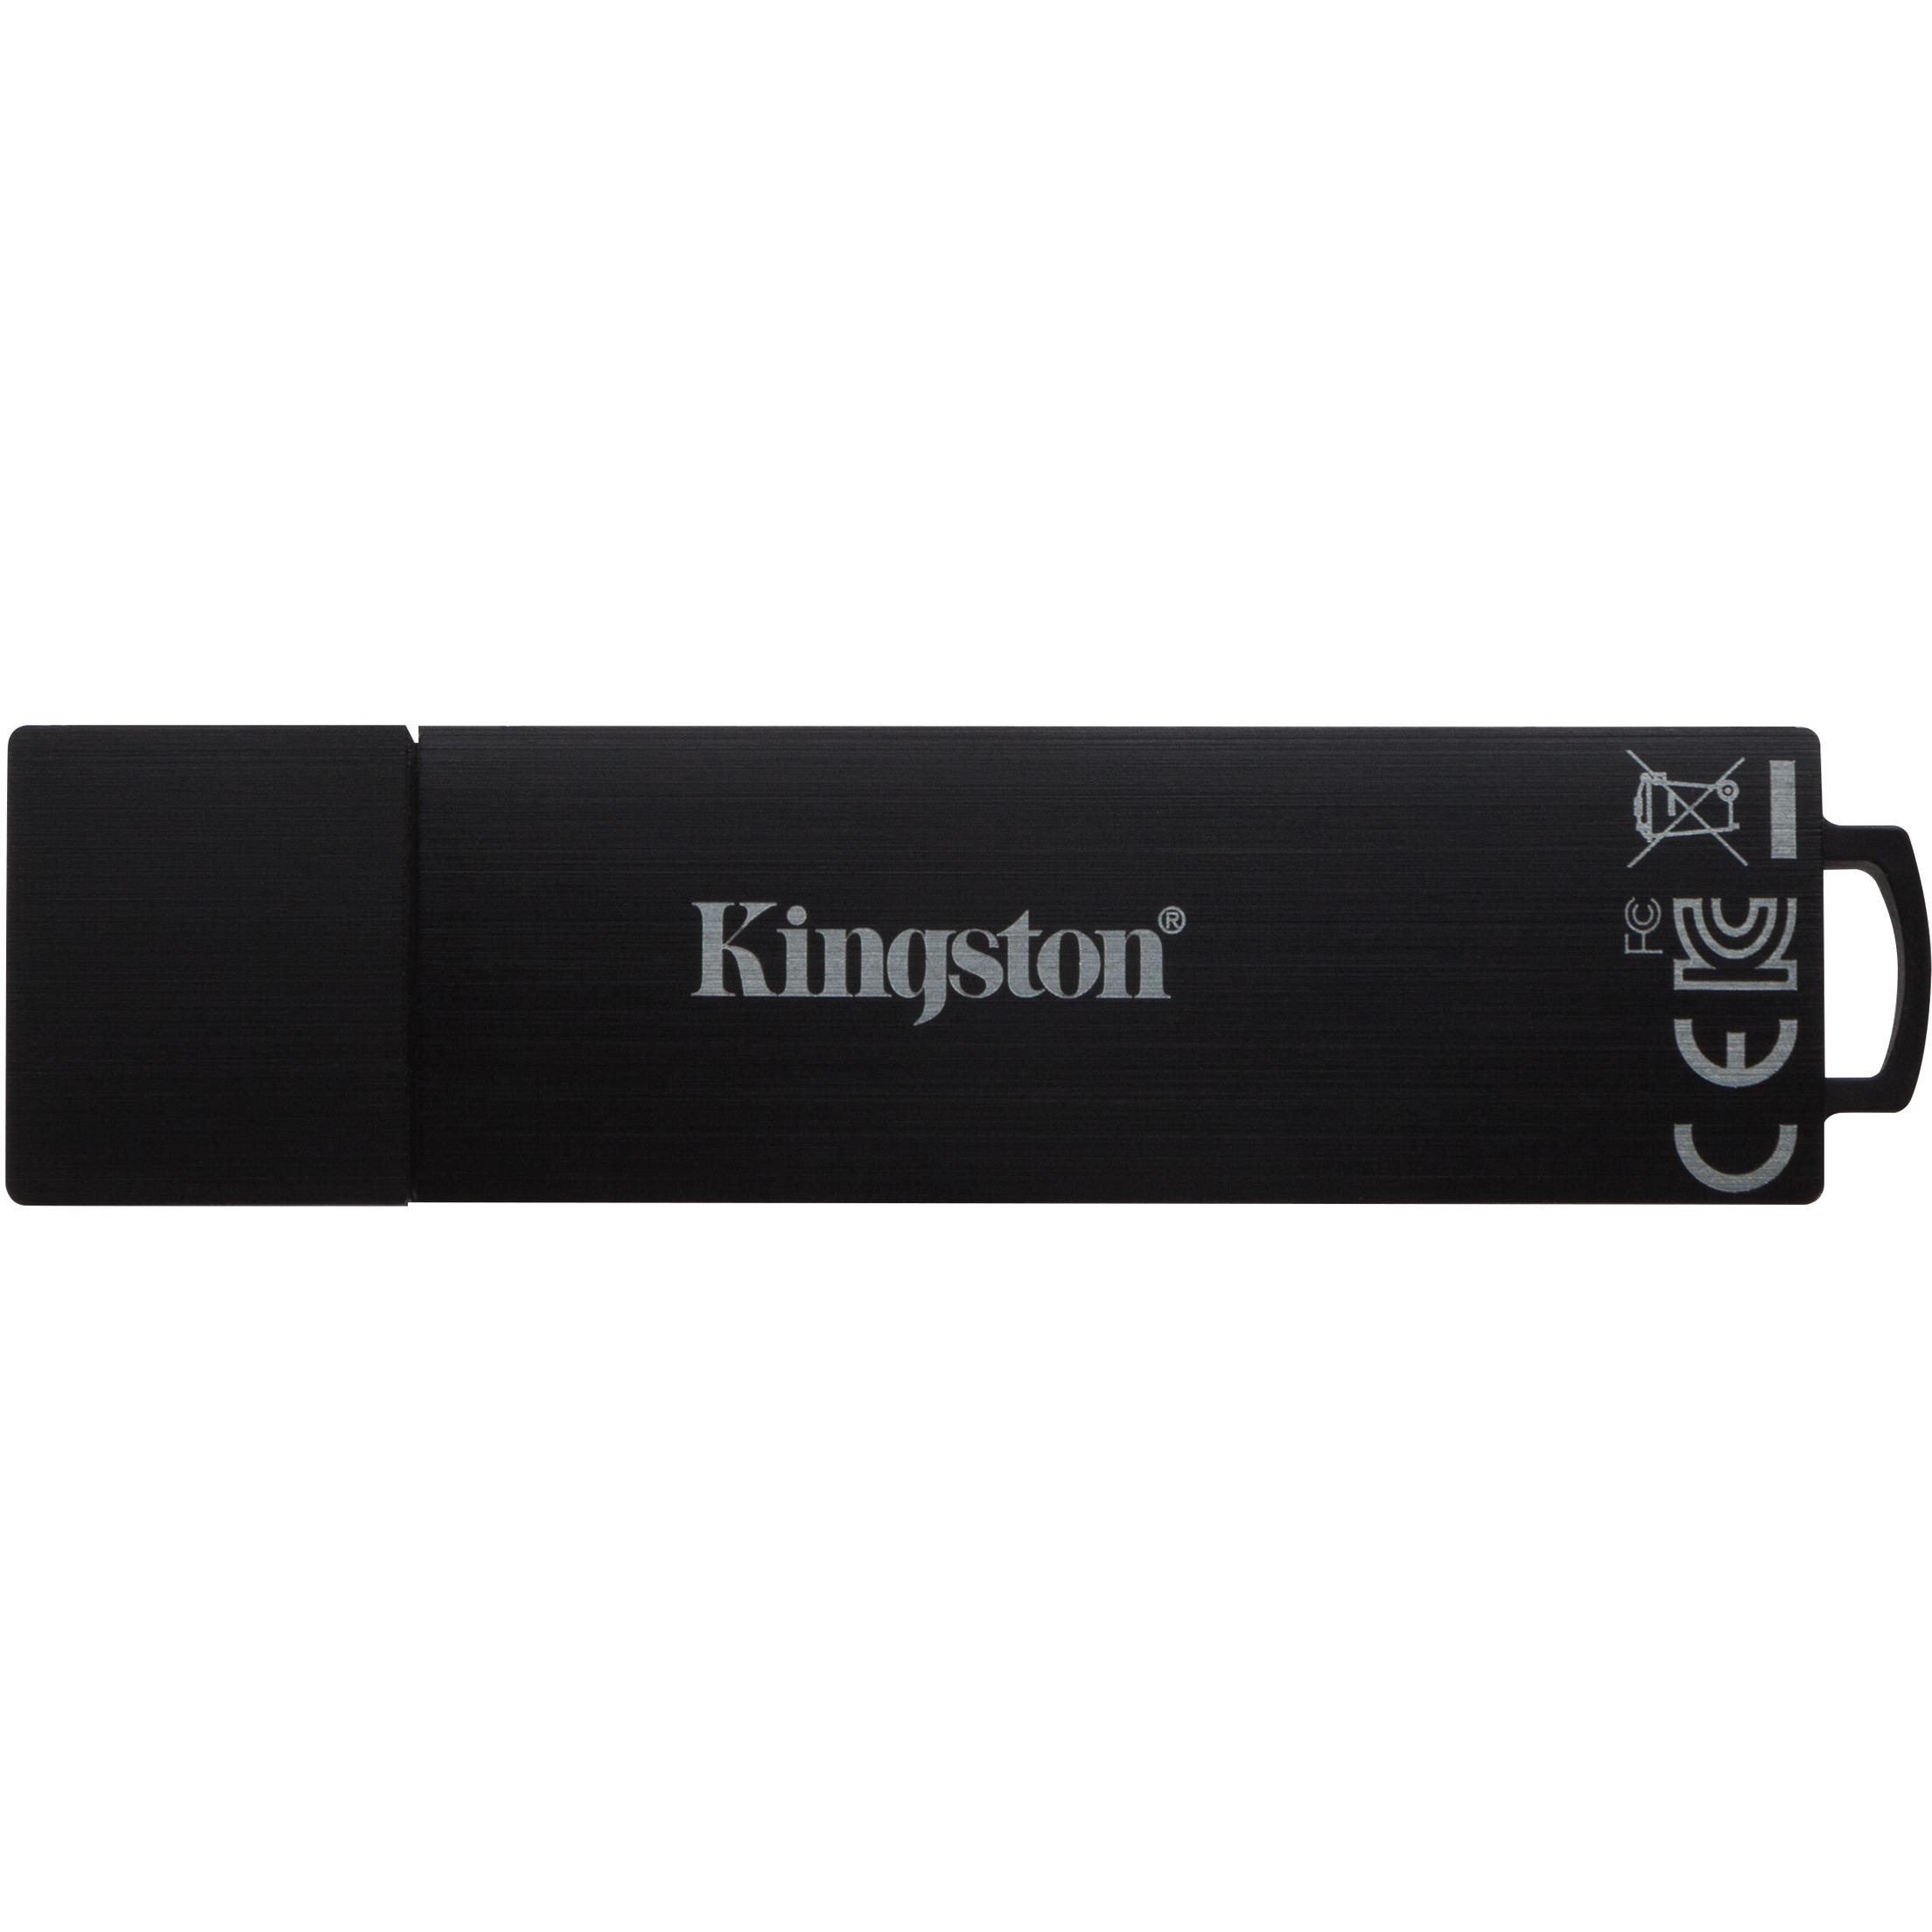 IronKey D300 128 GB USB 3.0 Flash Drive - 256-bit AES